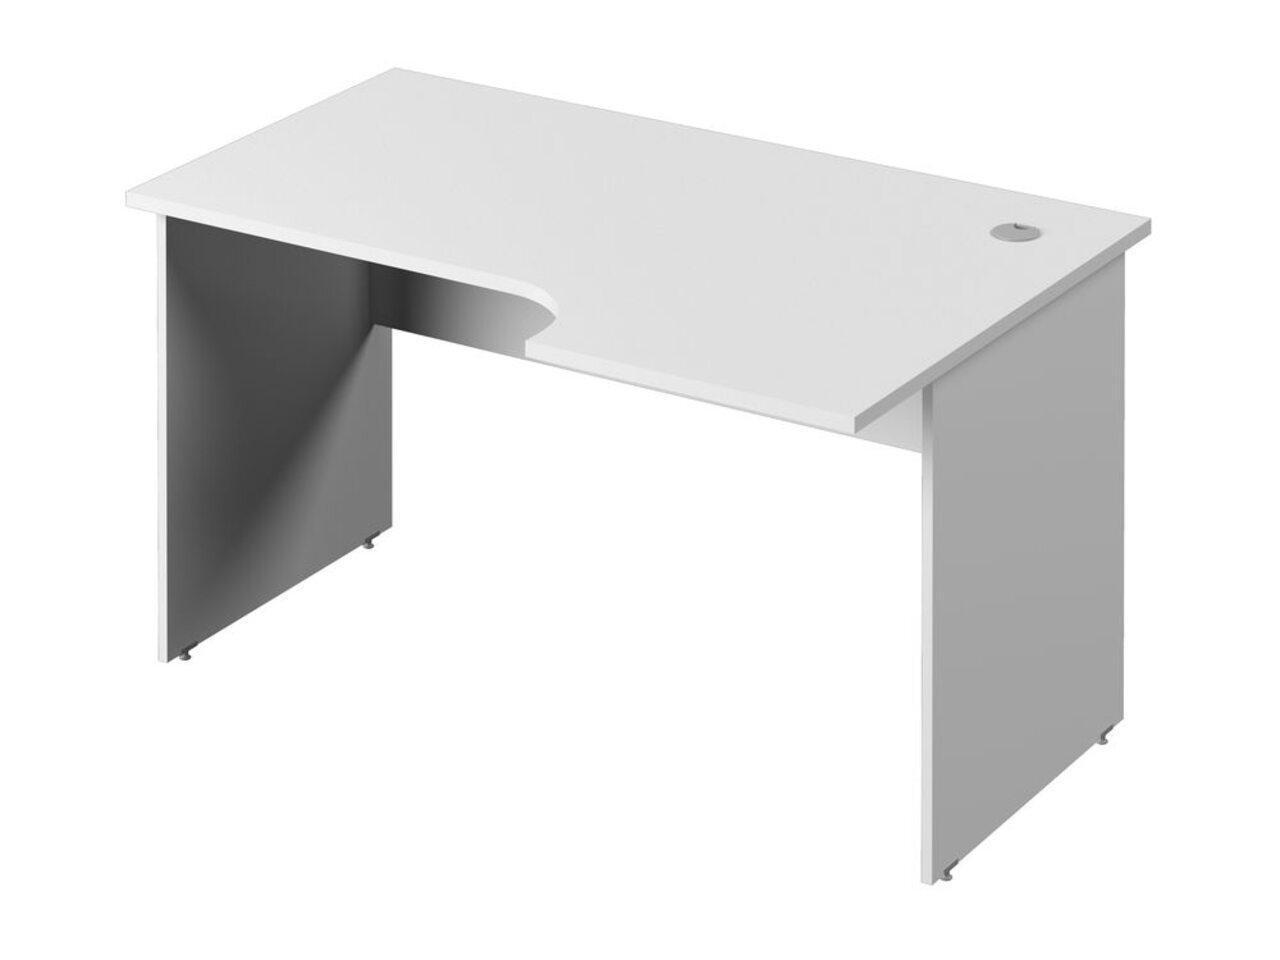 Стол эргономичный с опорами из ЛДСП  (правый) Public Comfort 135x52x71 - фото 1